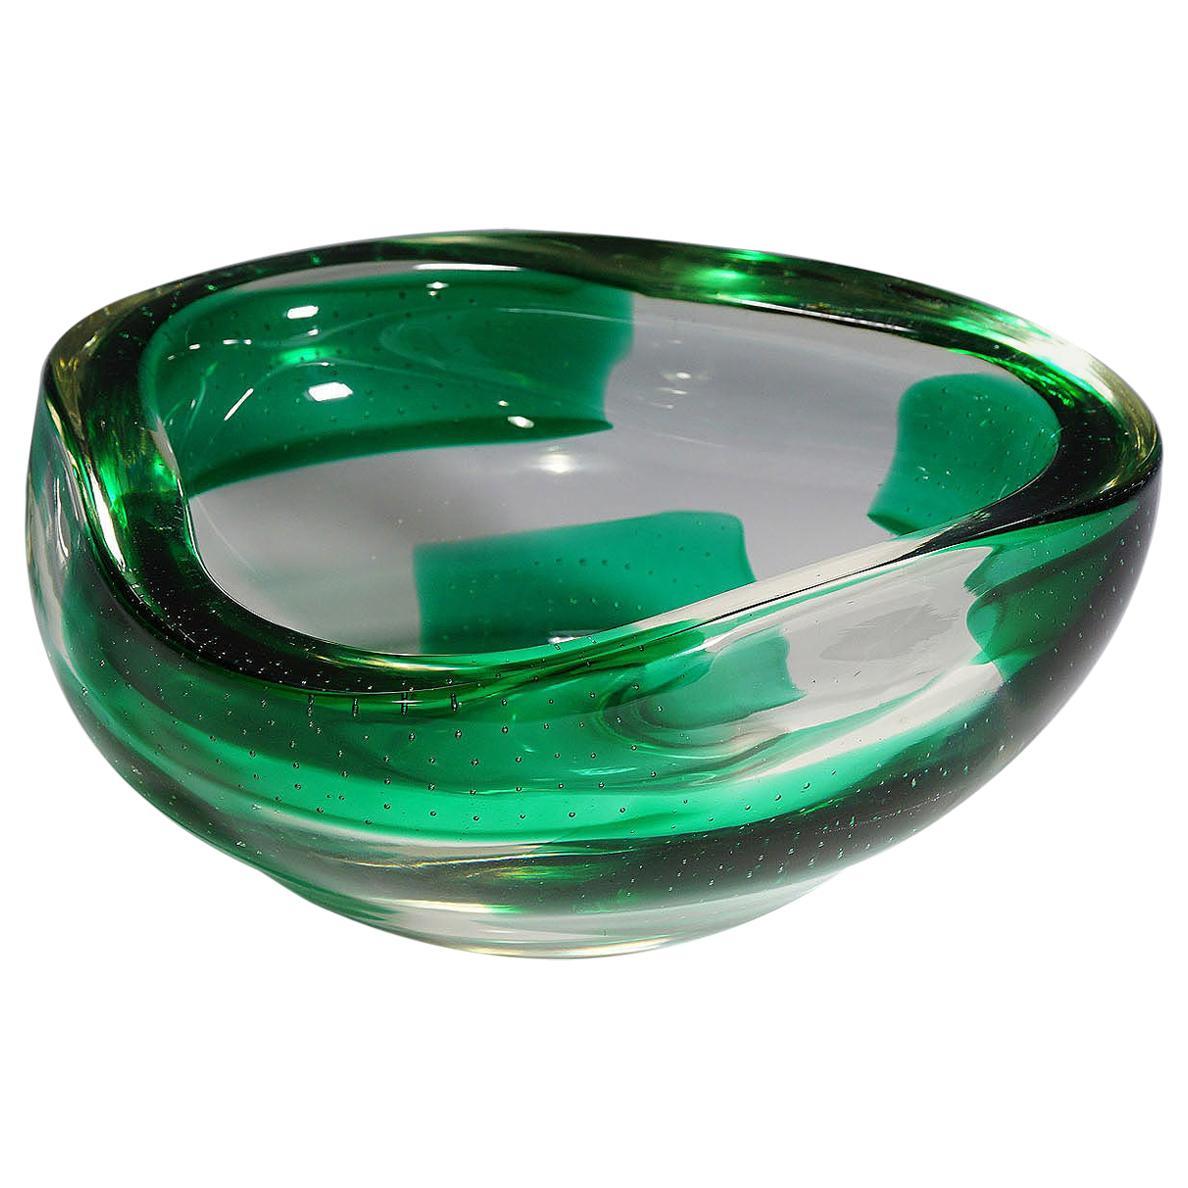 Dino Martens for Aureliano Toso Coppa Pesante Glass Bowl, 1940s